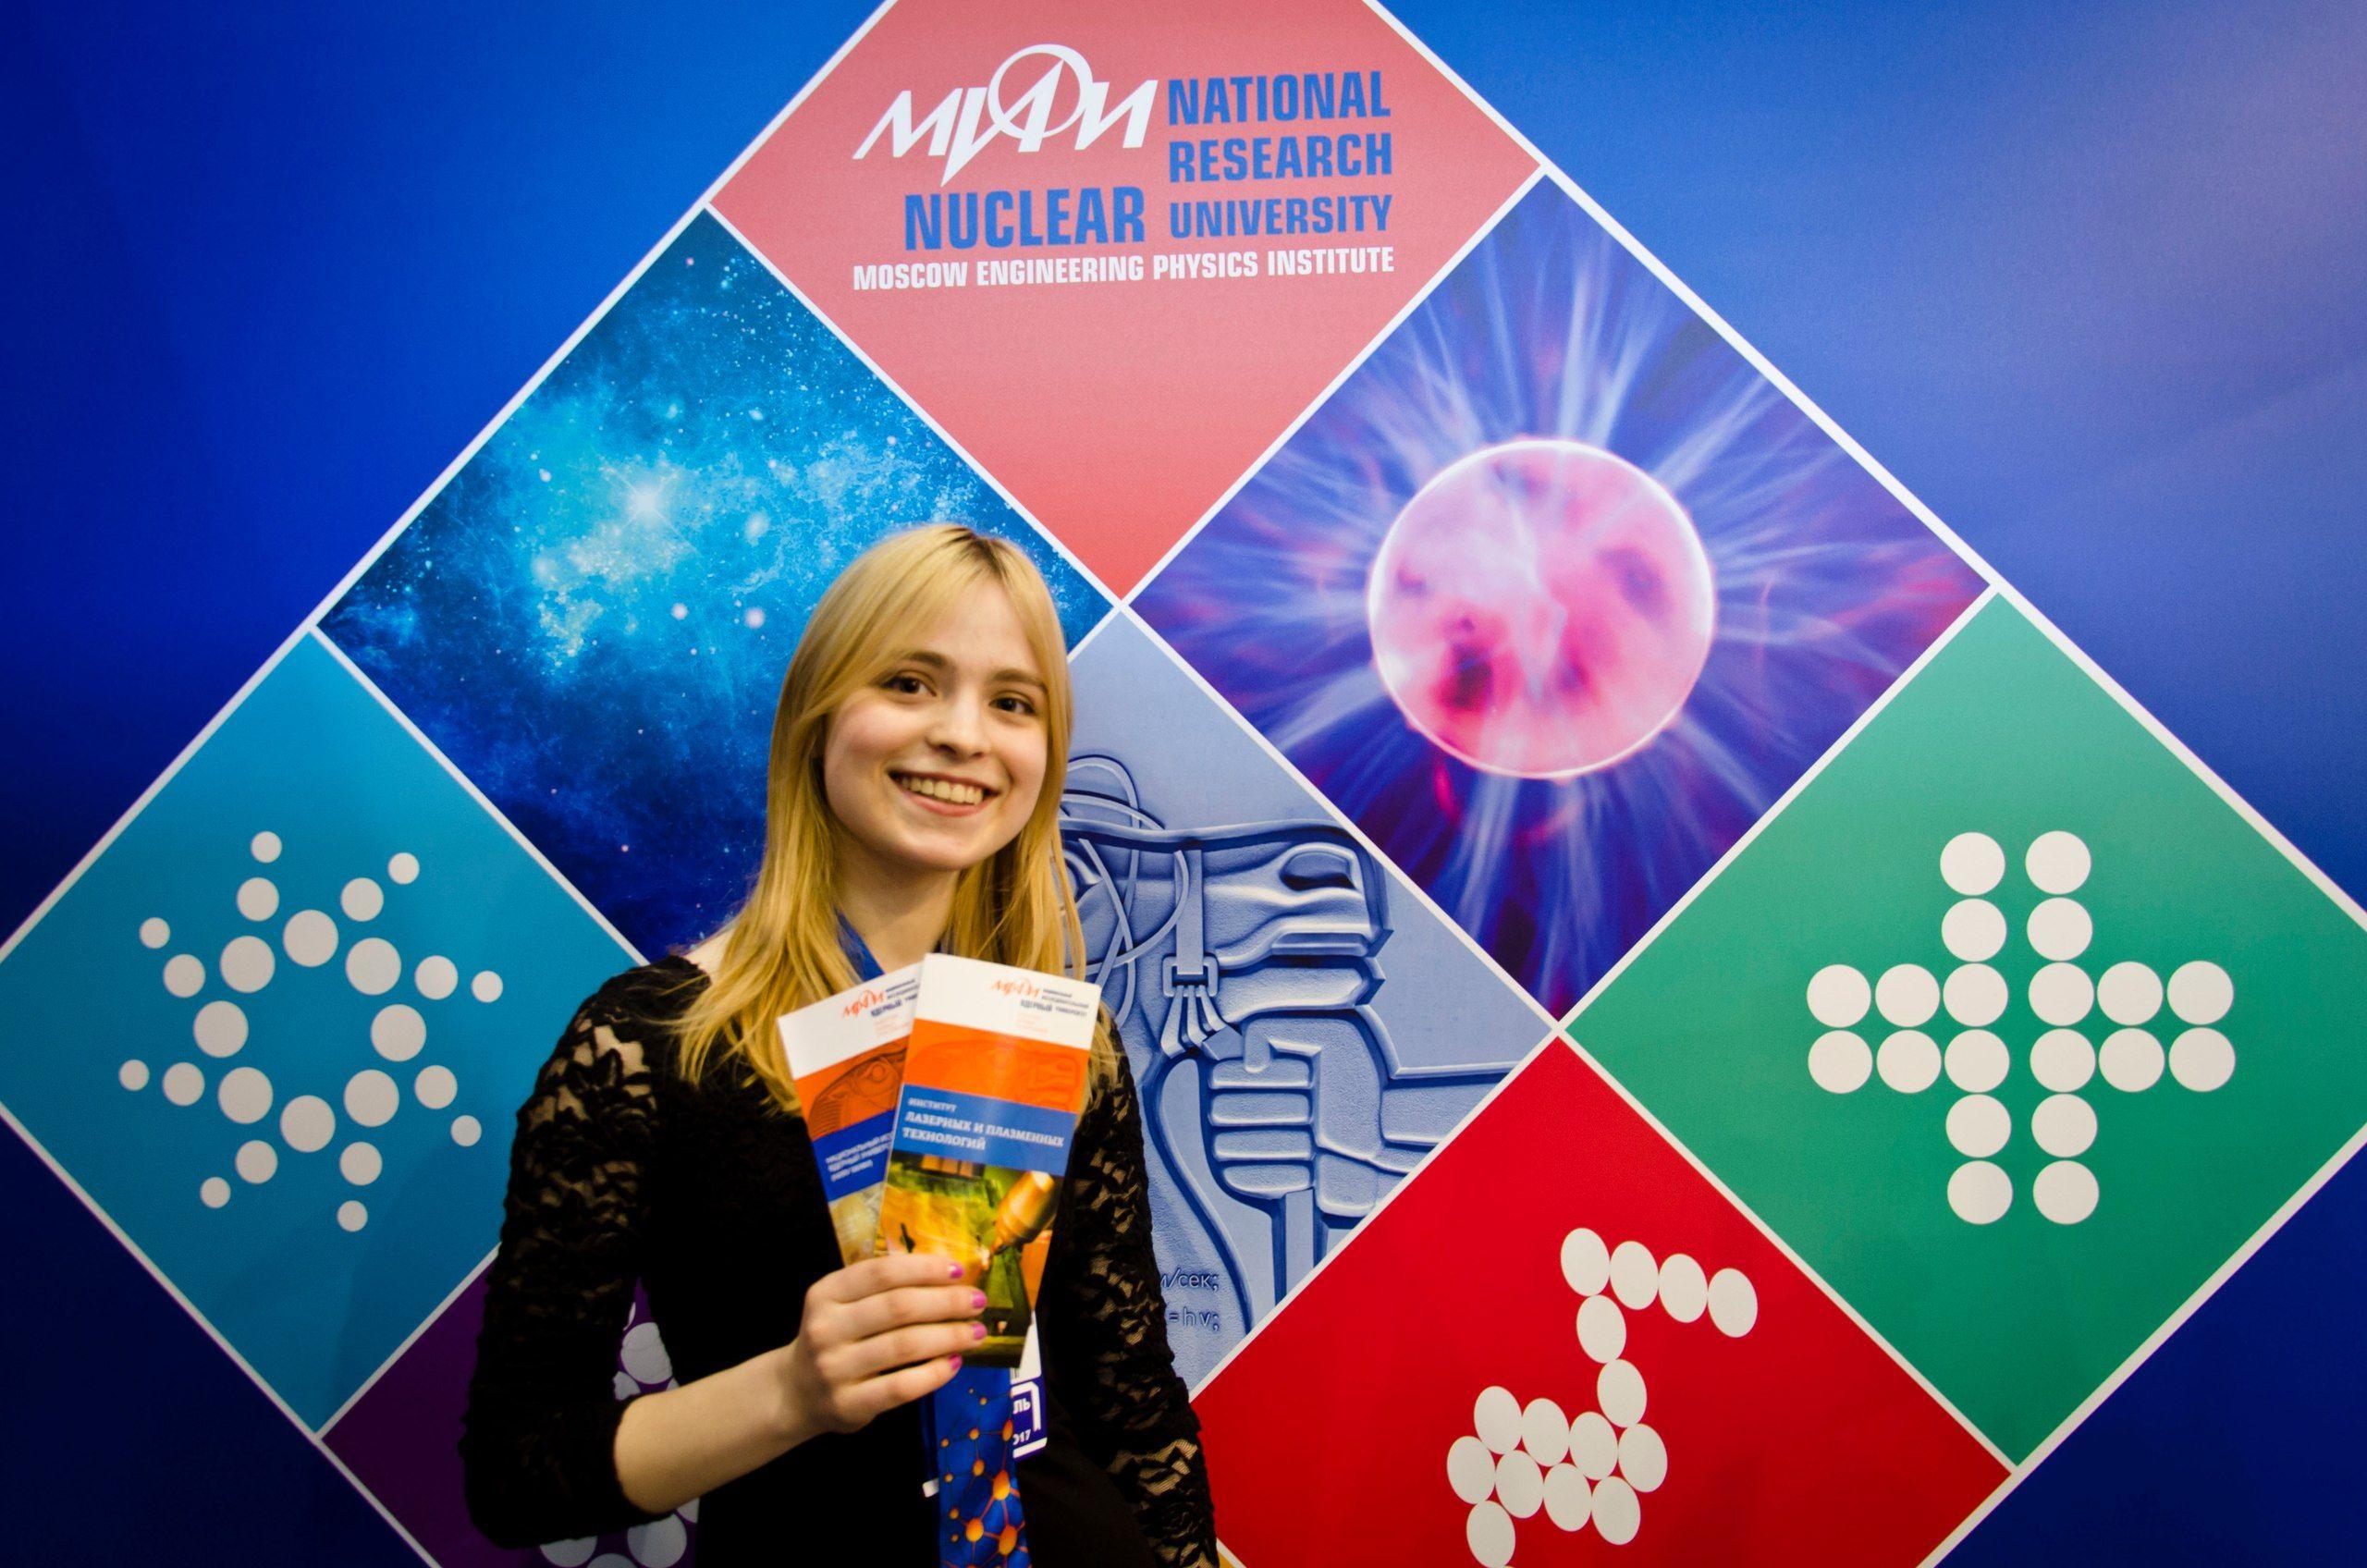 НИЯУ МИФИ занял вторую строчку в рейтинге российских вузов